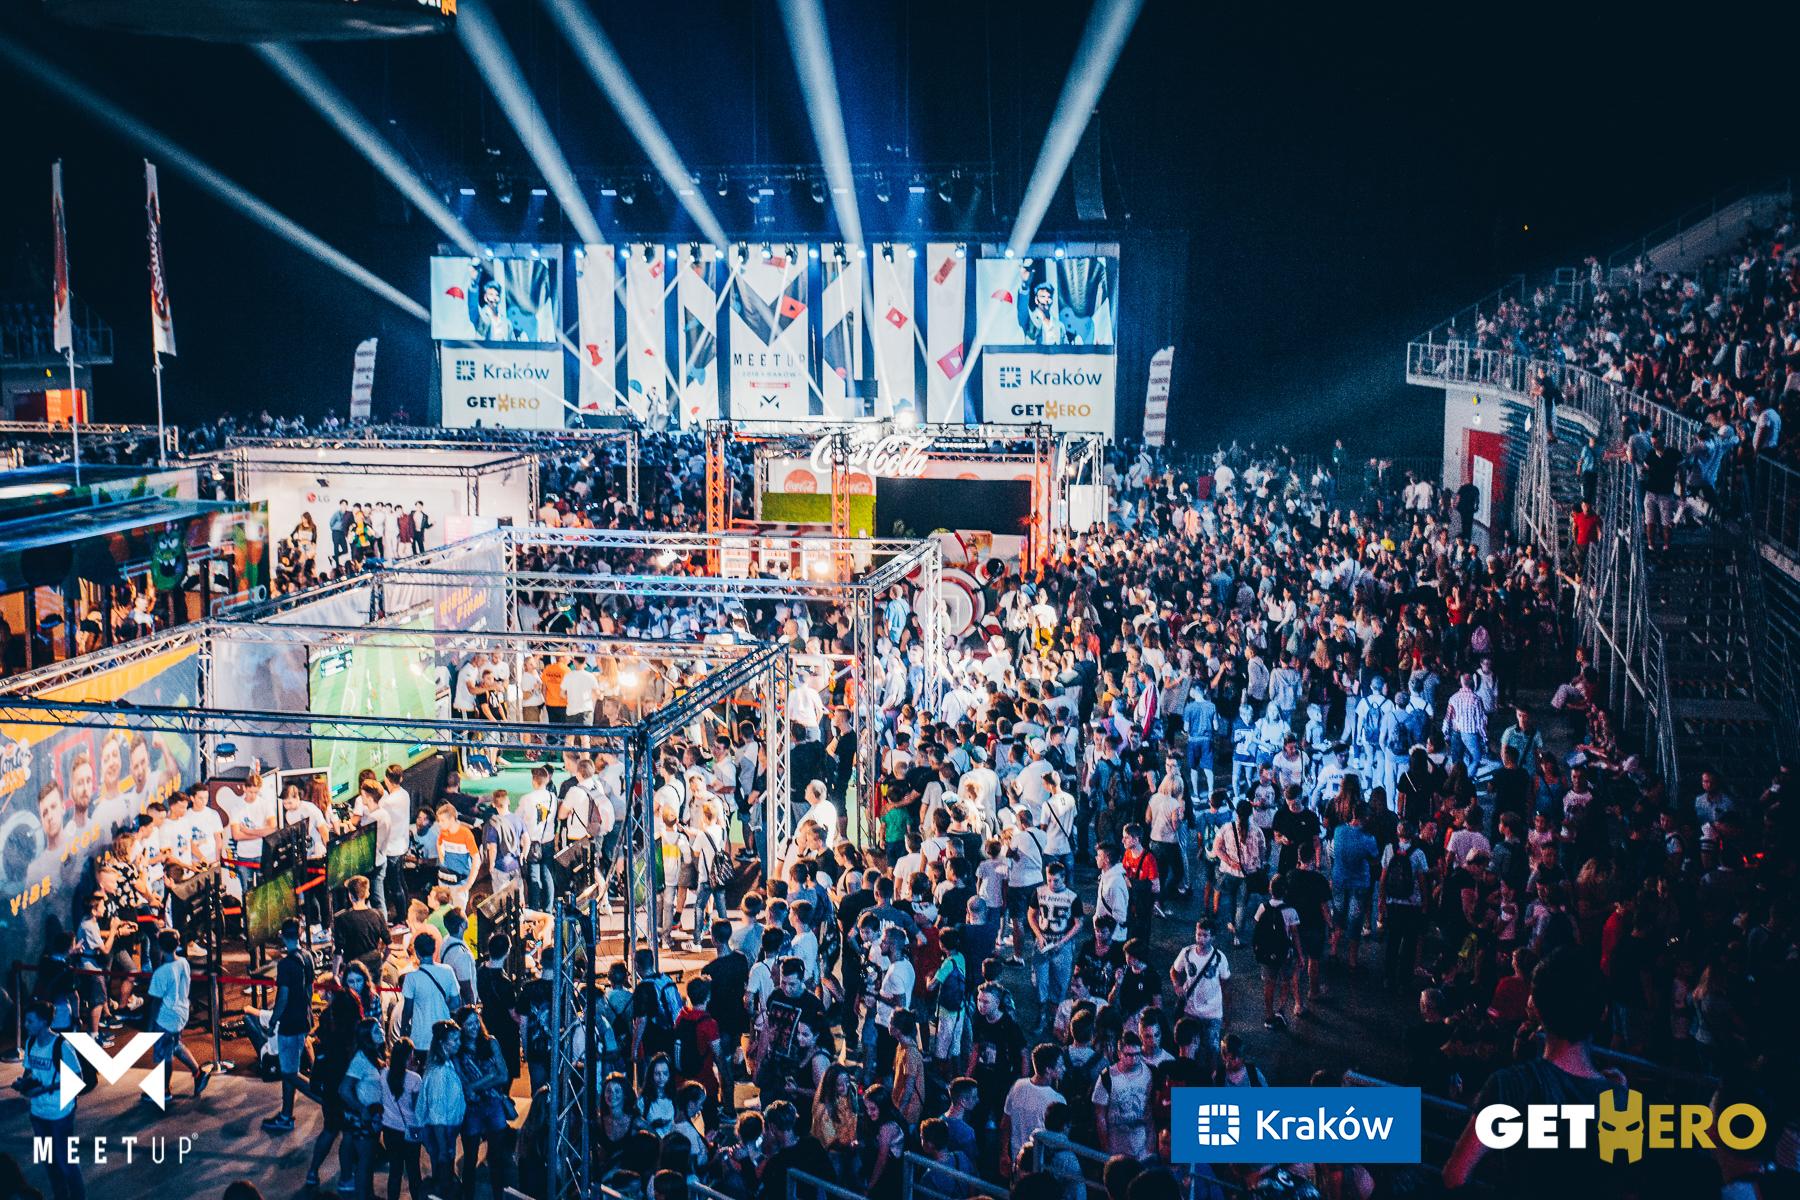 Największe w Polsce spotkanie twórców internetowych z fanami już za nami! Podsumowanie MeetUp® 2018